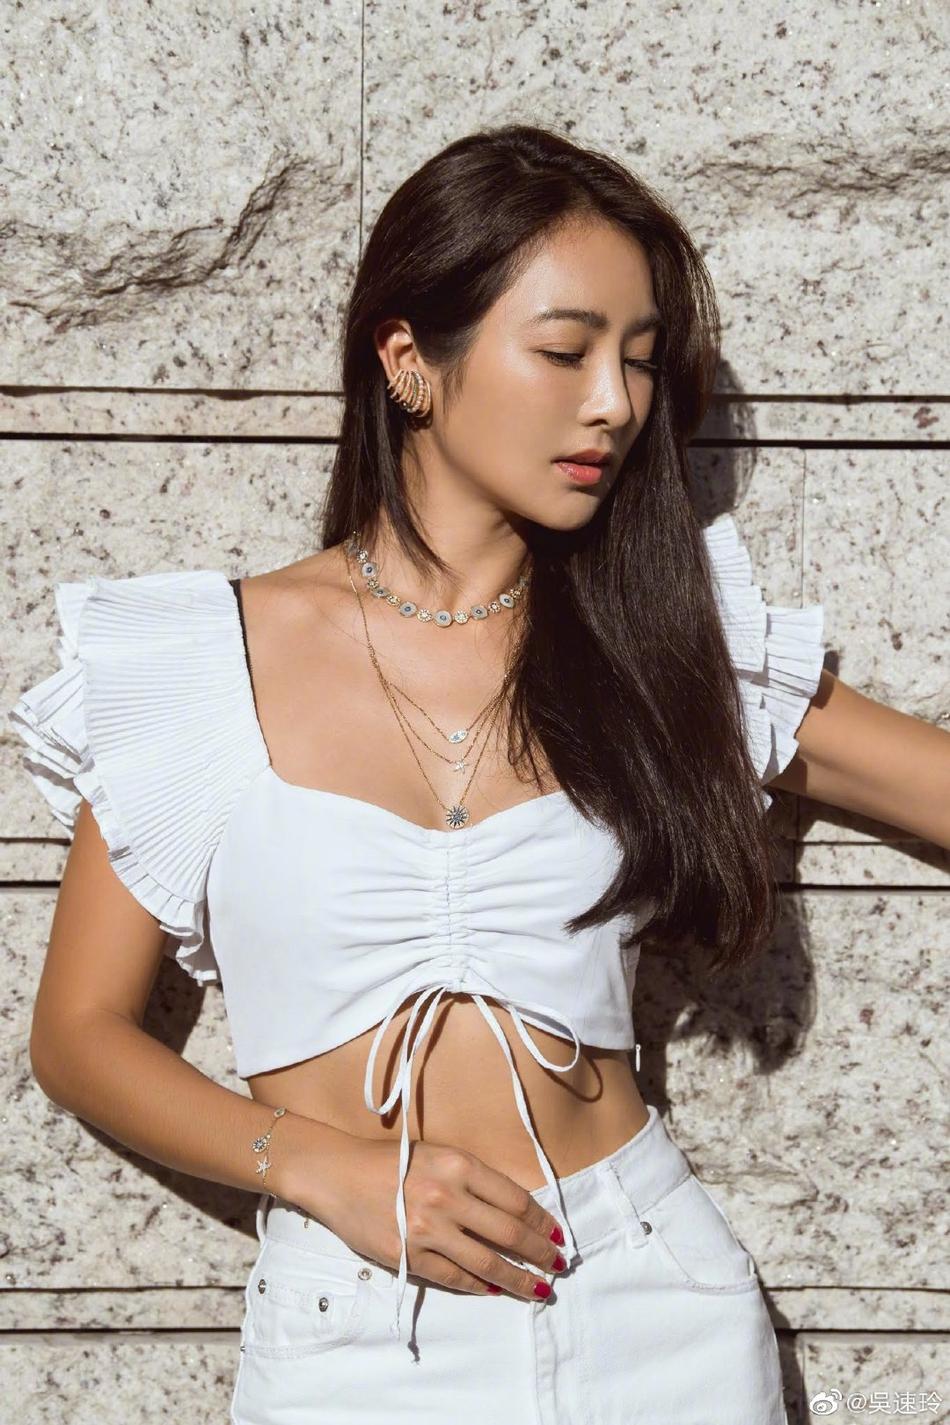 组图:曹格妻子吴速玲晒美照 白色露脐装尽显性感身材